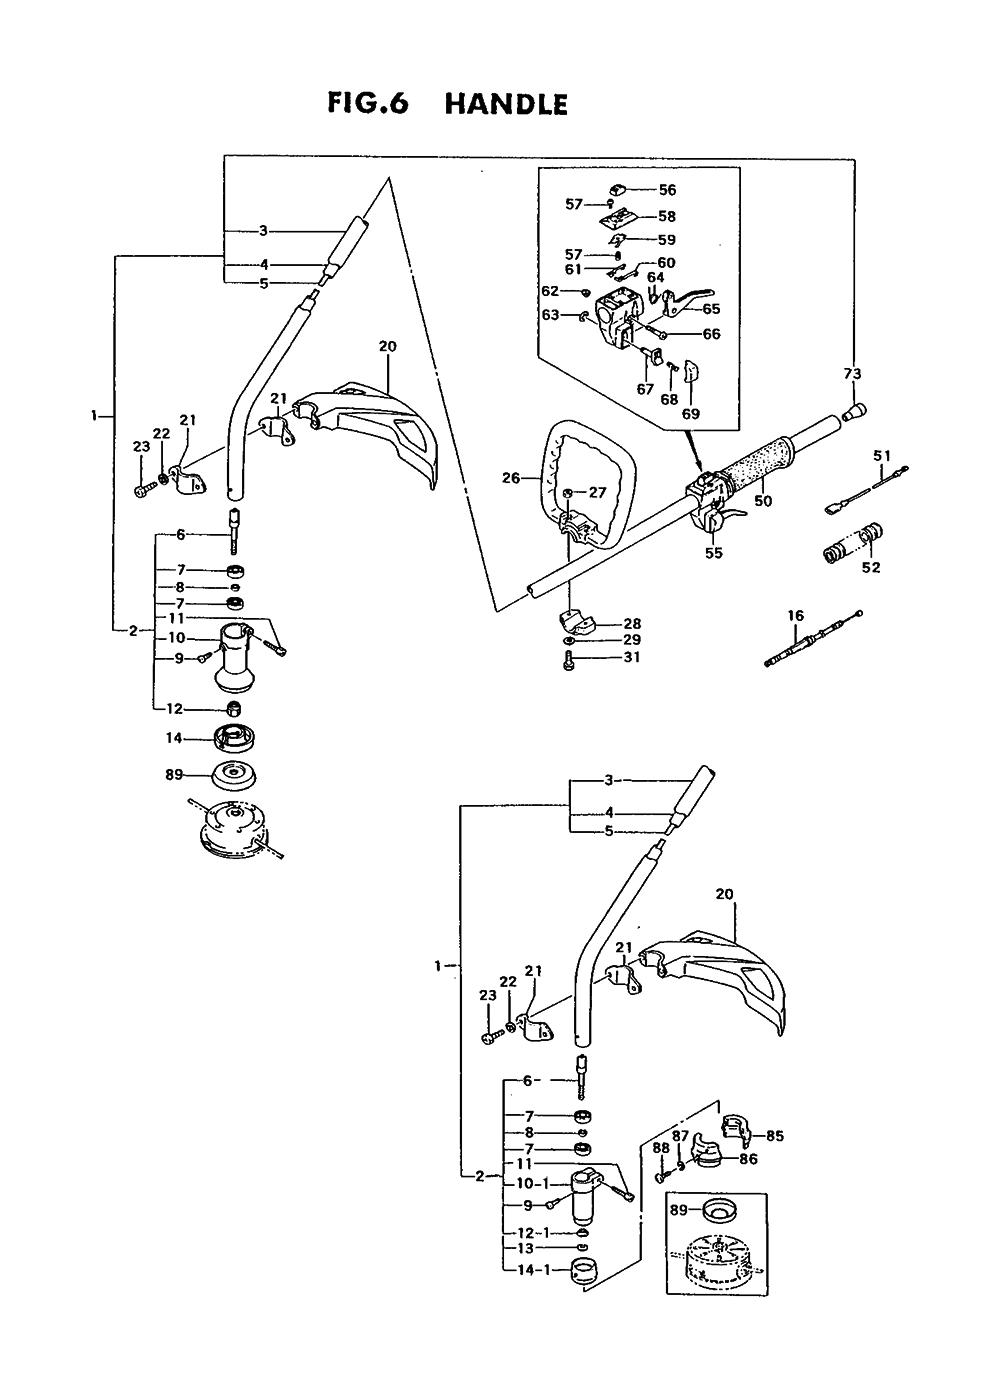 TBC-4000-Tanaka-PB-5Break Down